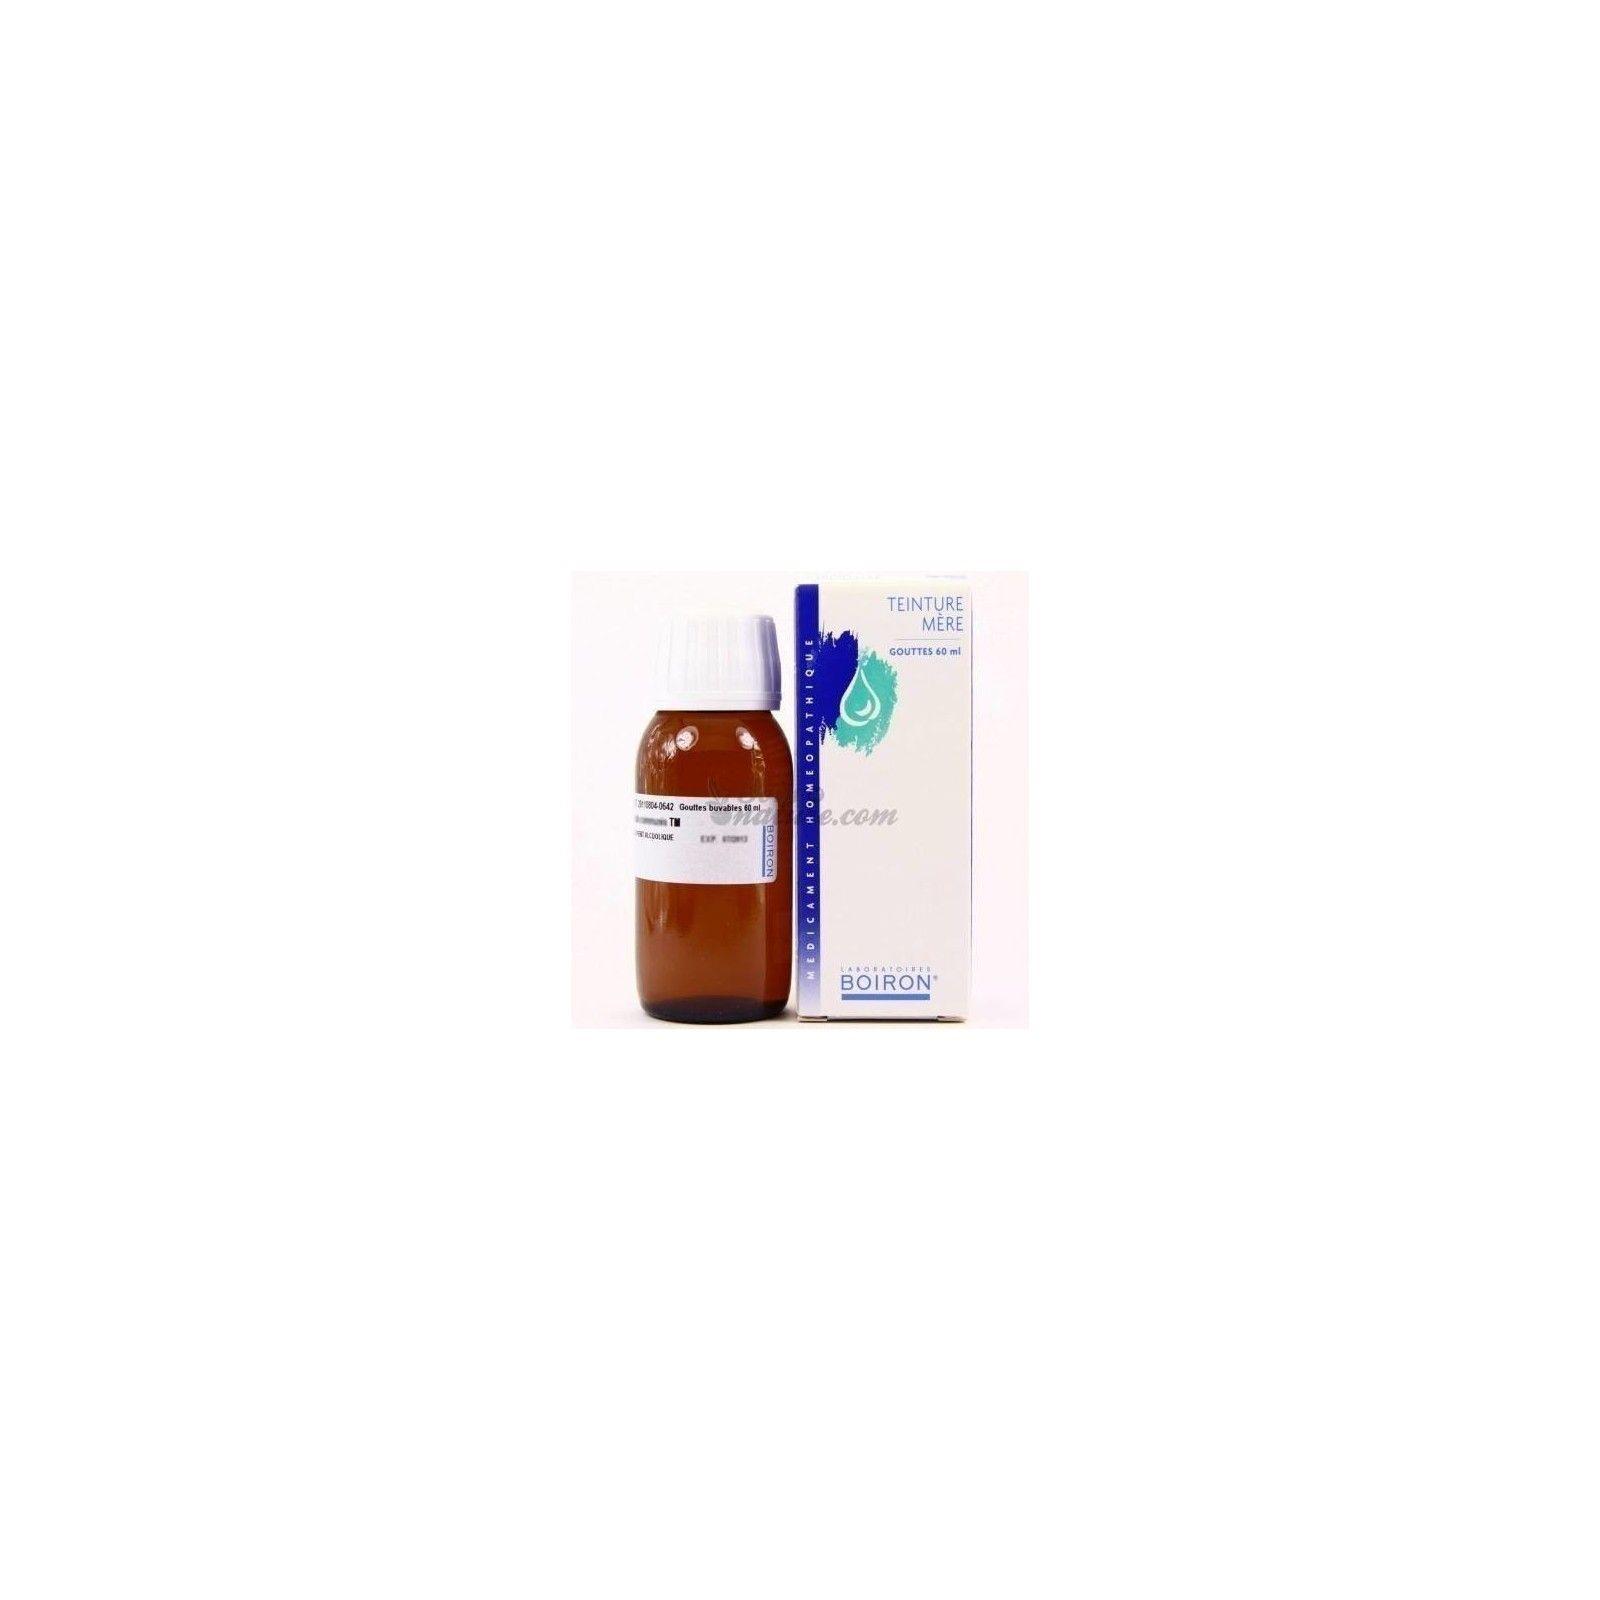 Boiron Tintures-Meres 60ml for CA19.44